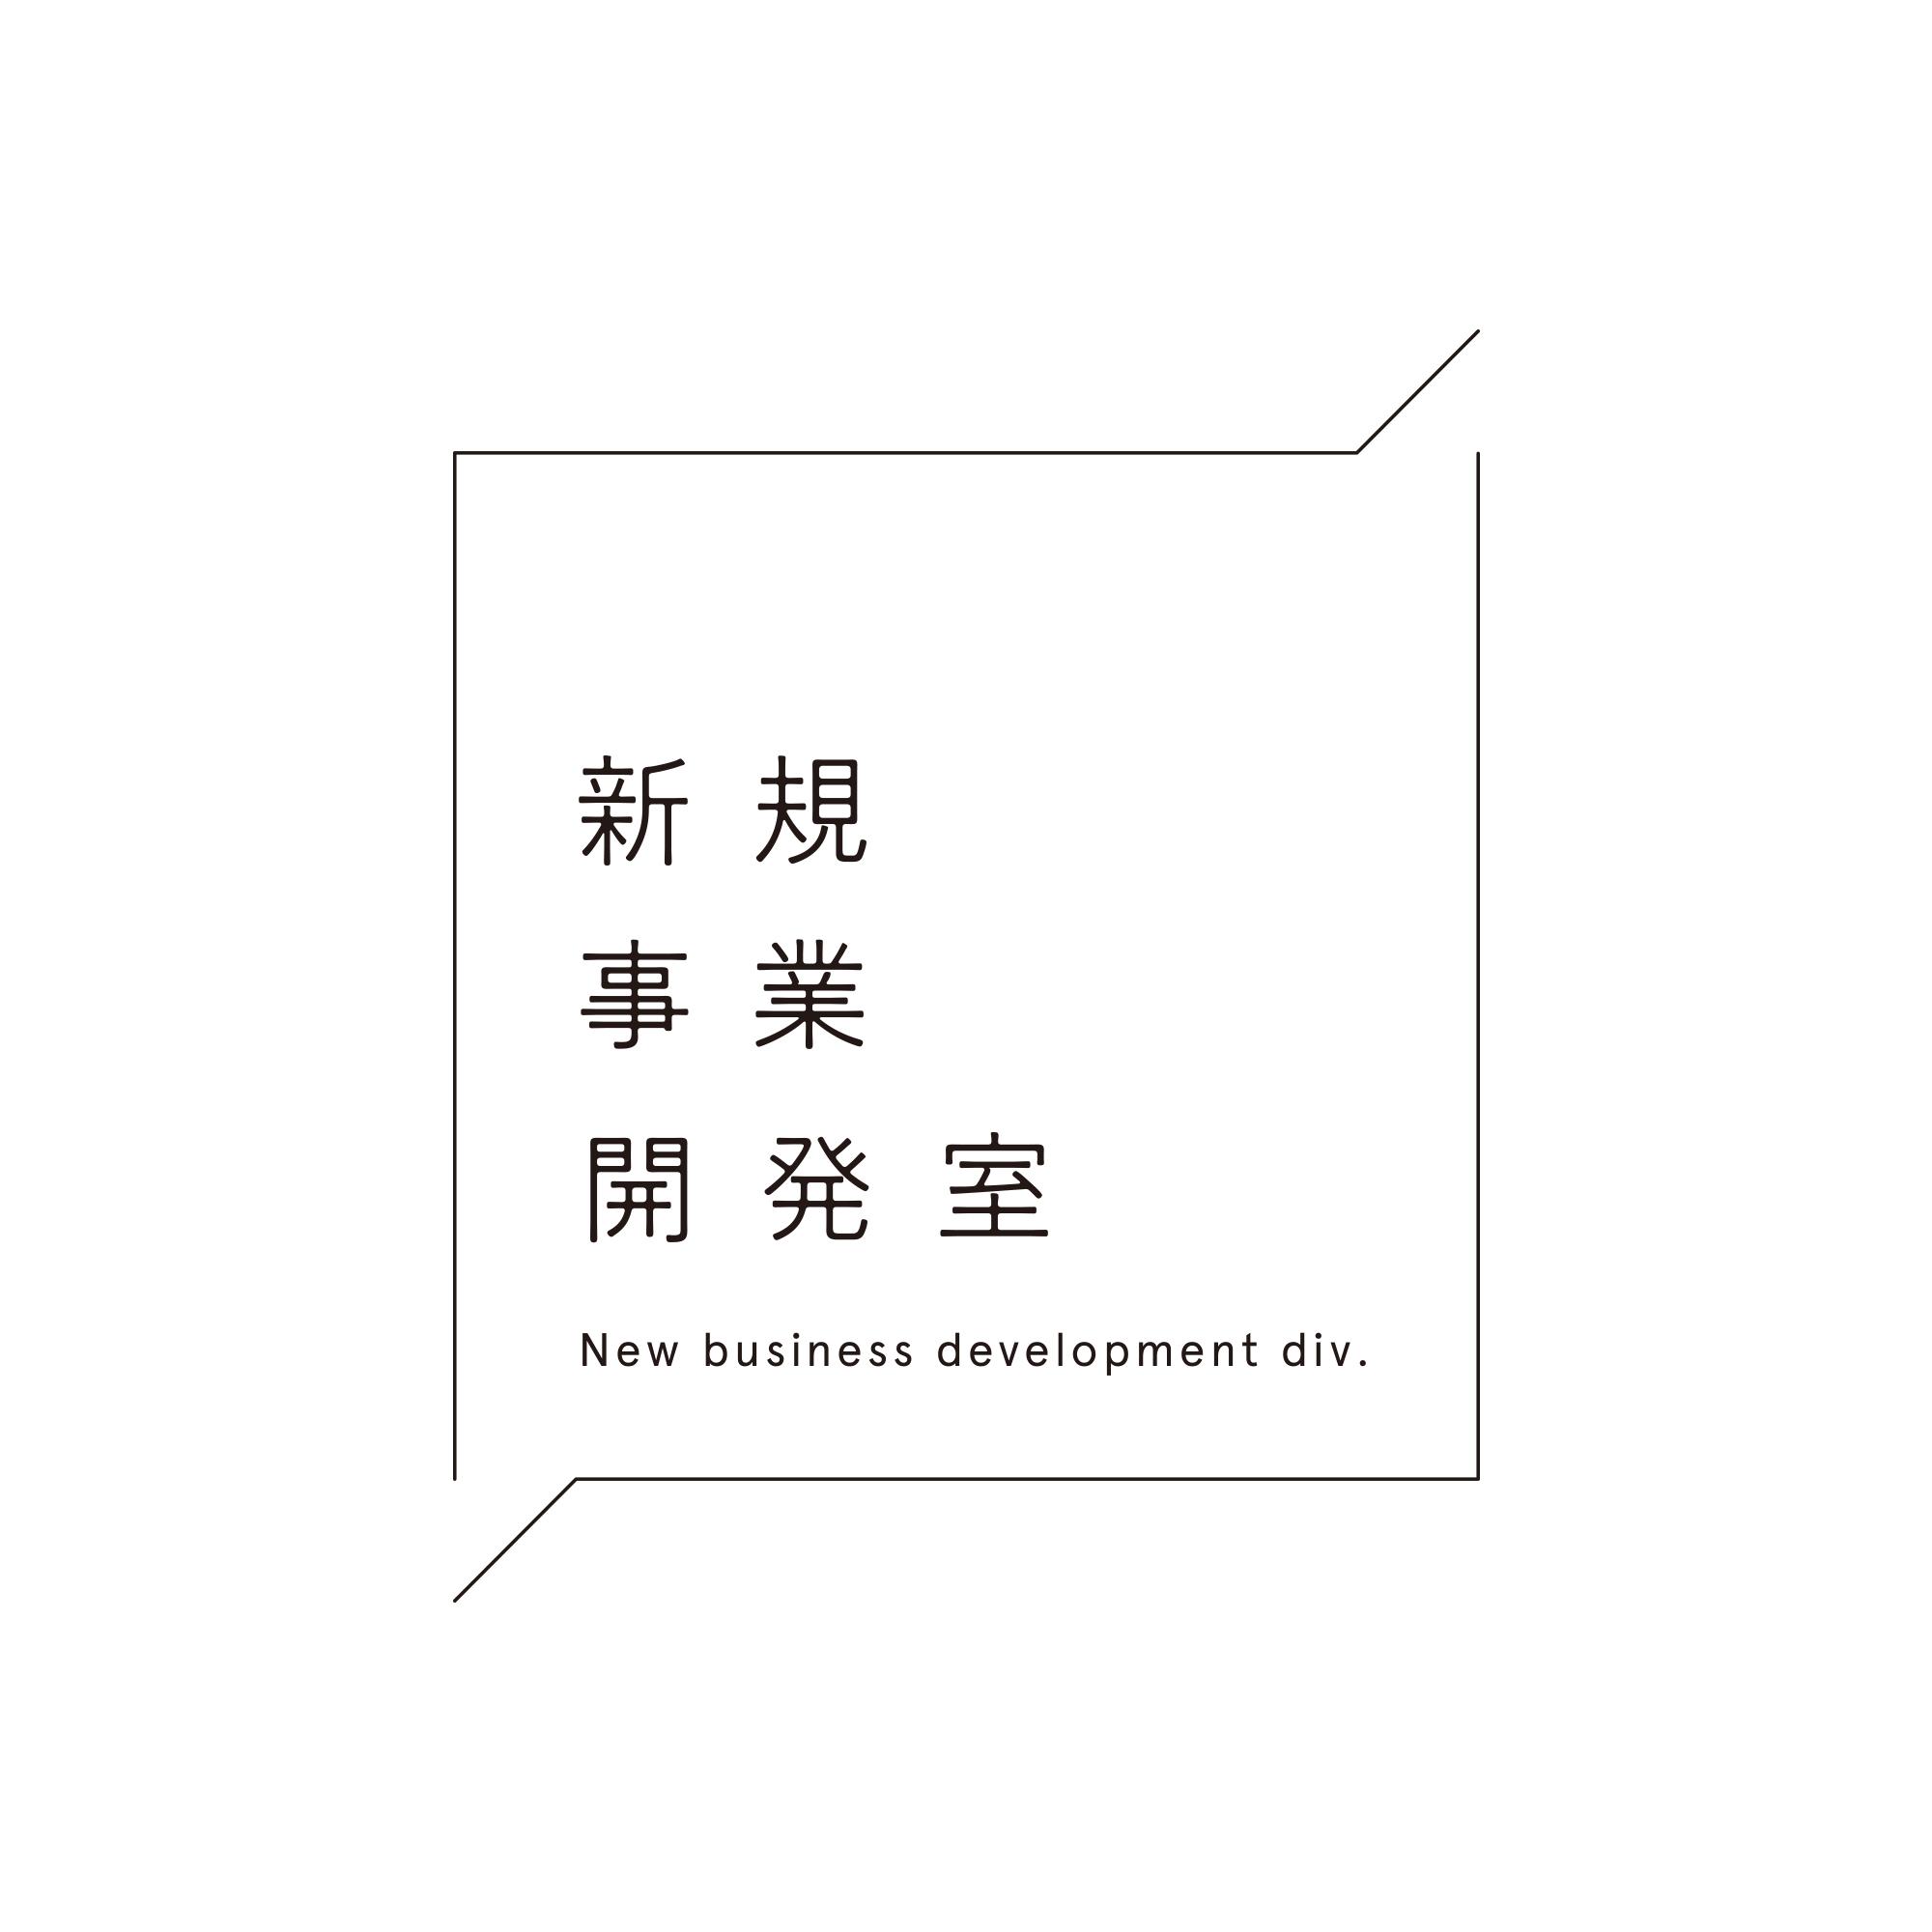 新規事業開発室ロゴ